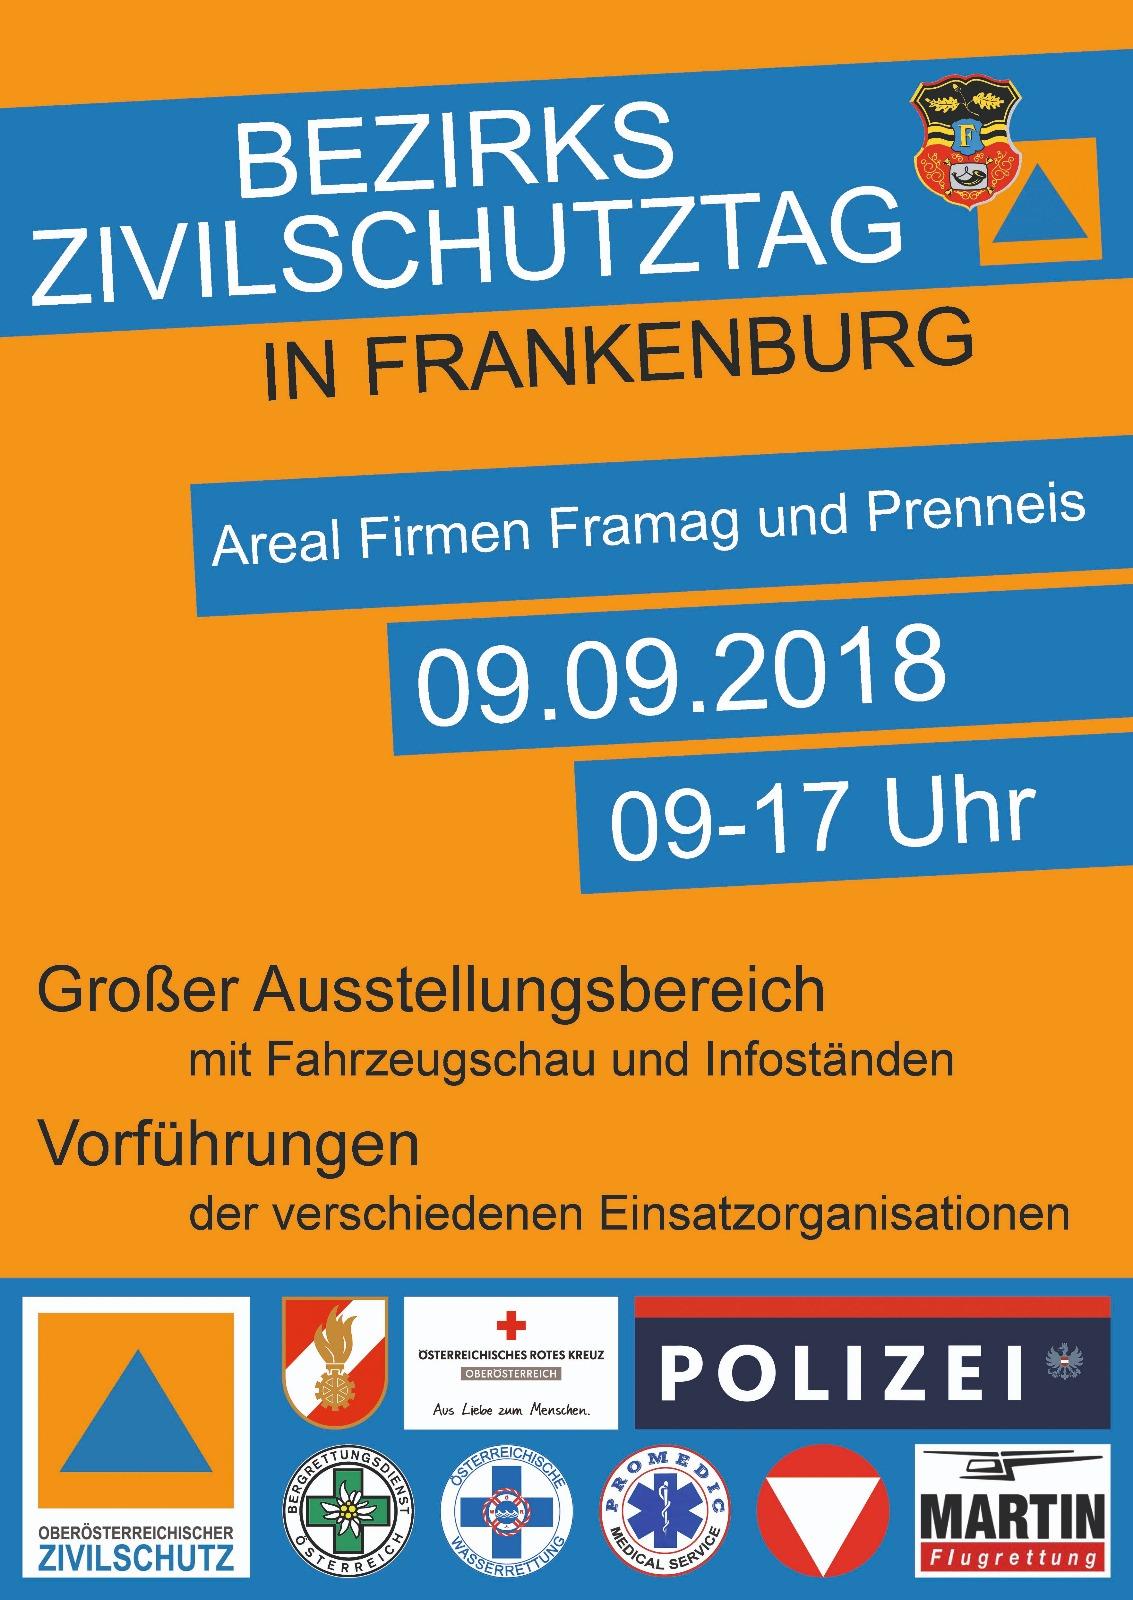 Bezirkszivilschutztag in Frankenburg